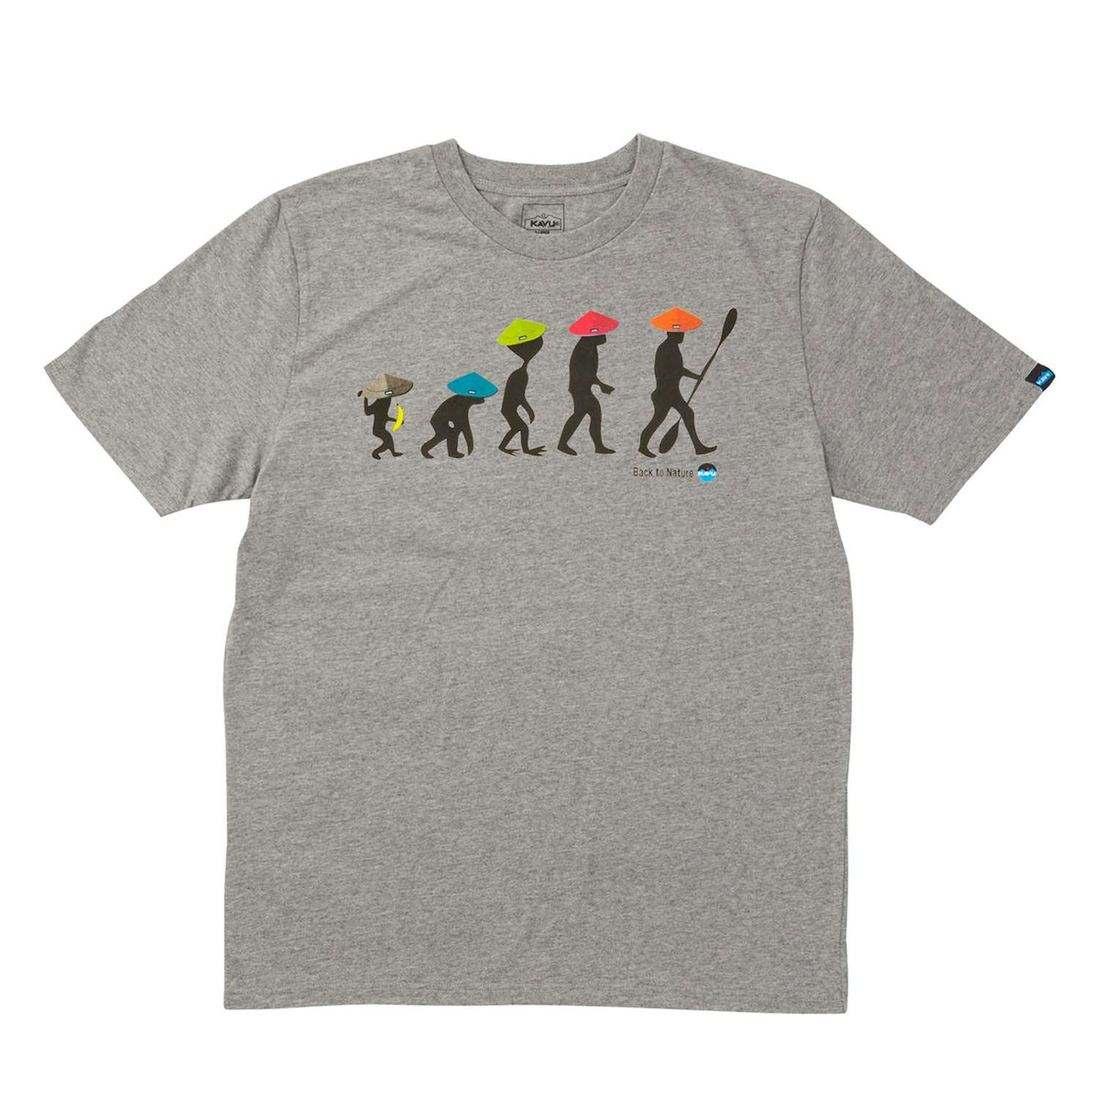 カブー バックトゥネイチャー T ティーシャツ ロゴT  自社在庫品